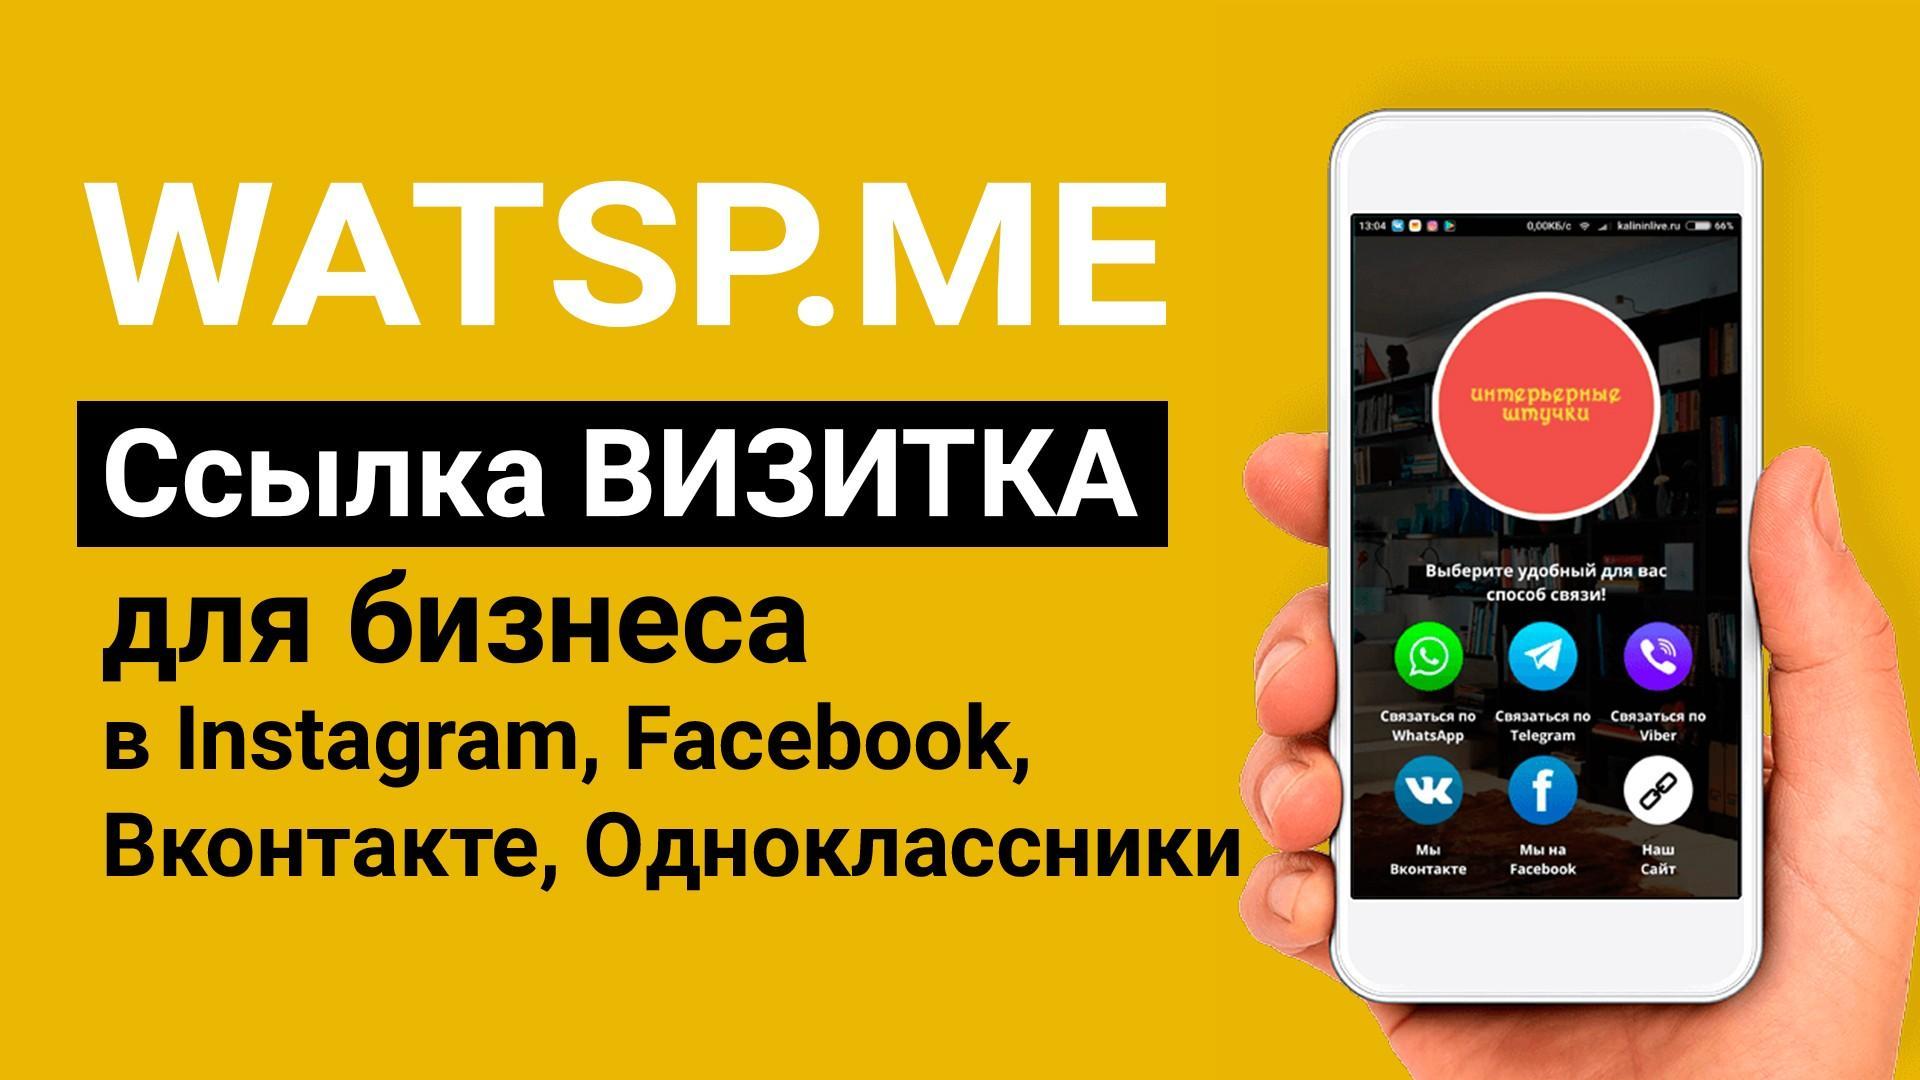 Ссылка ВИЗИТКА для бизнеса в Instagram, facebook,вконтакте, одноклассники